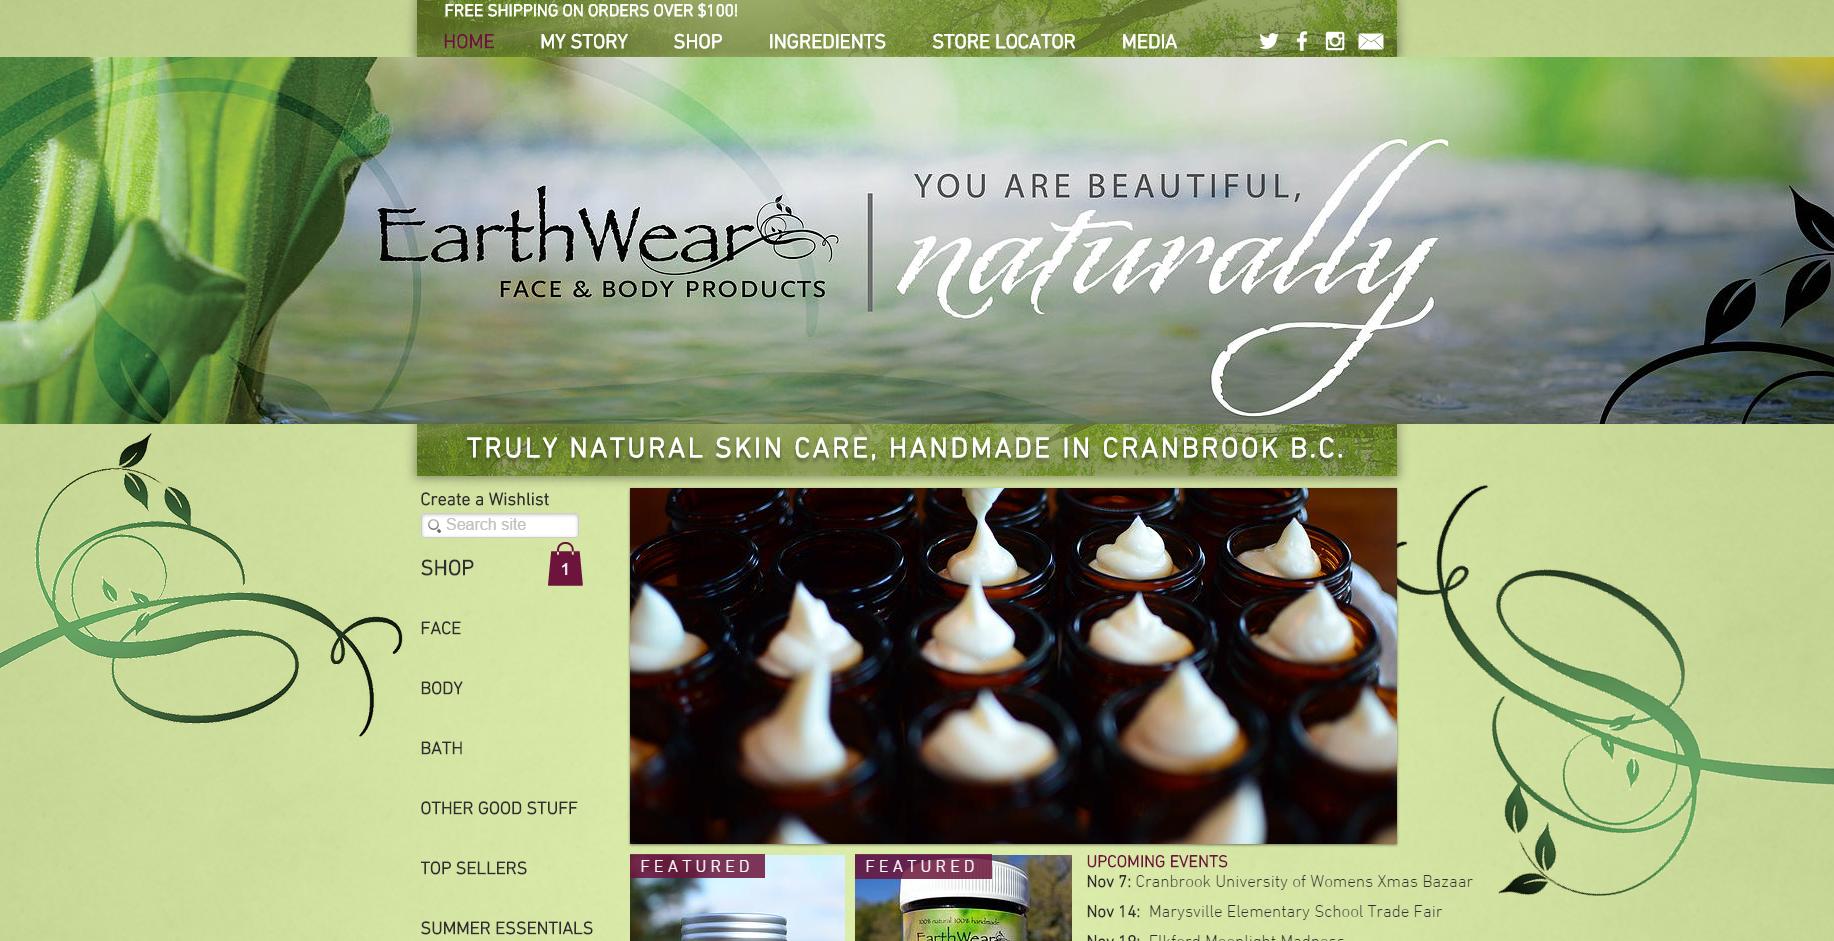 www.earthwearbody.com